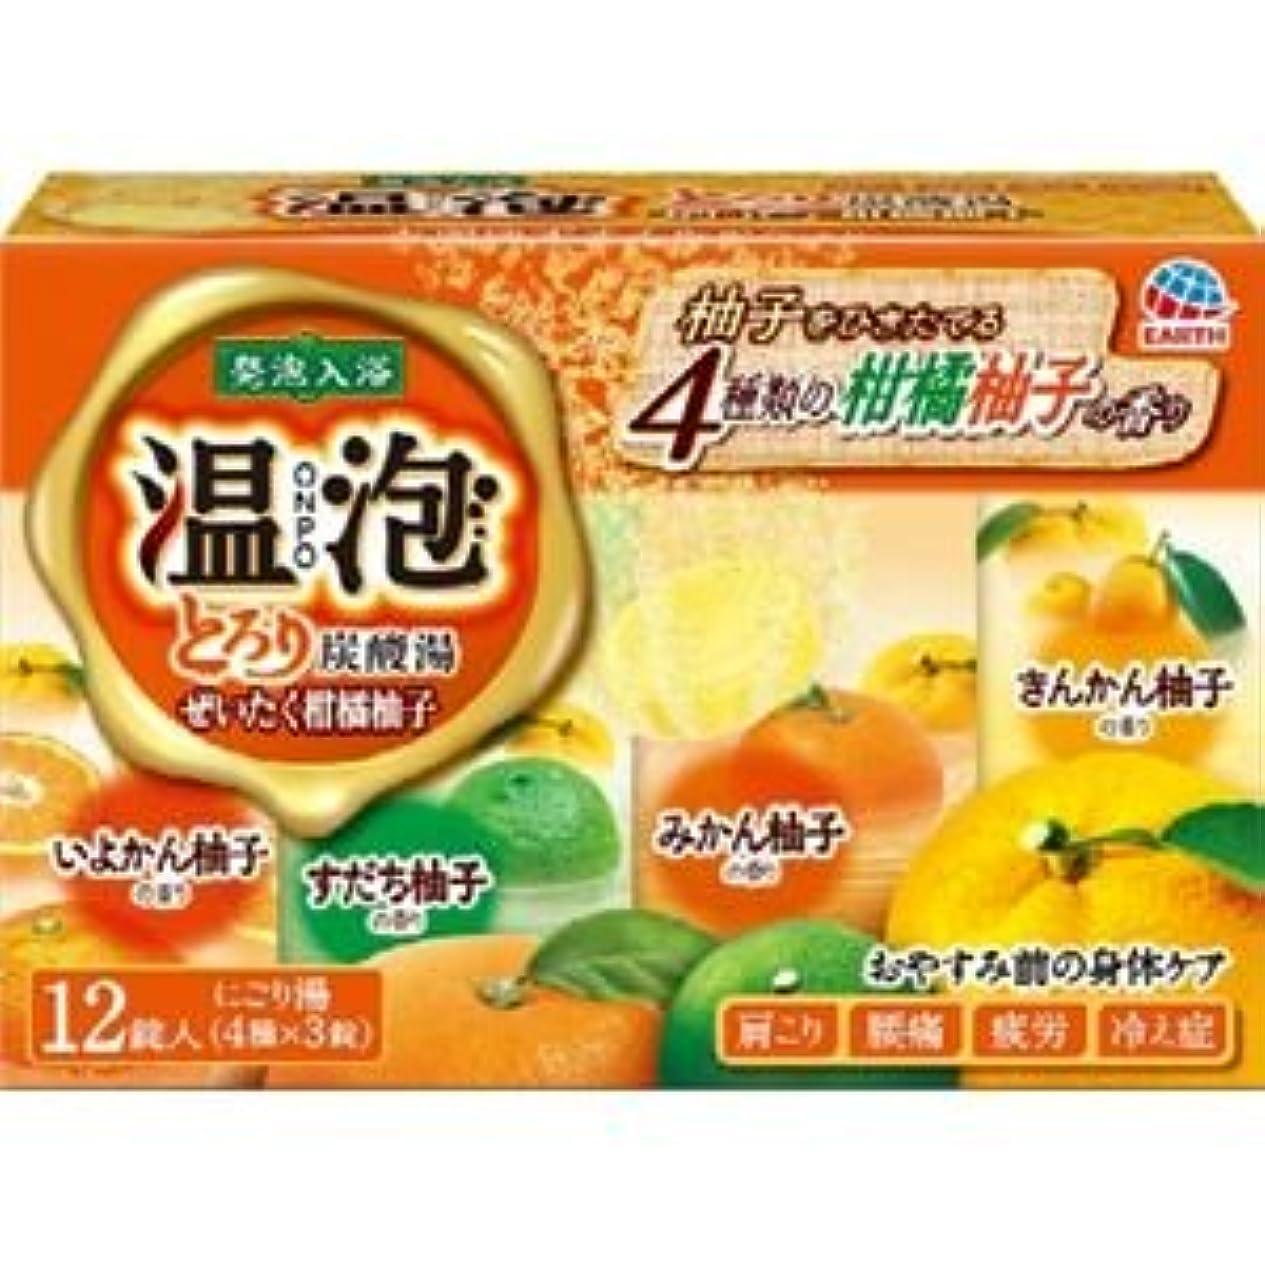 制約一貫性のないラジウム(まとめ)アース製薬 温泡とろり炭酸湯ぜいたく柑橘柚子12錠入 【×3点セット】